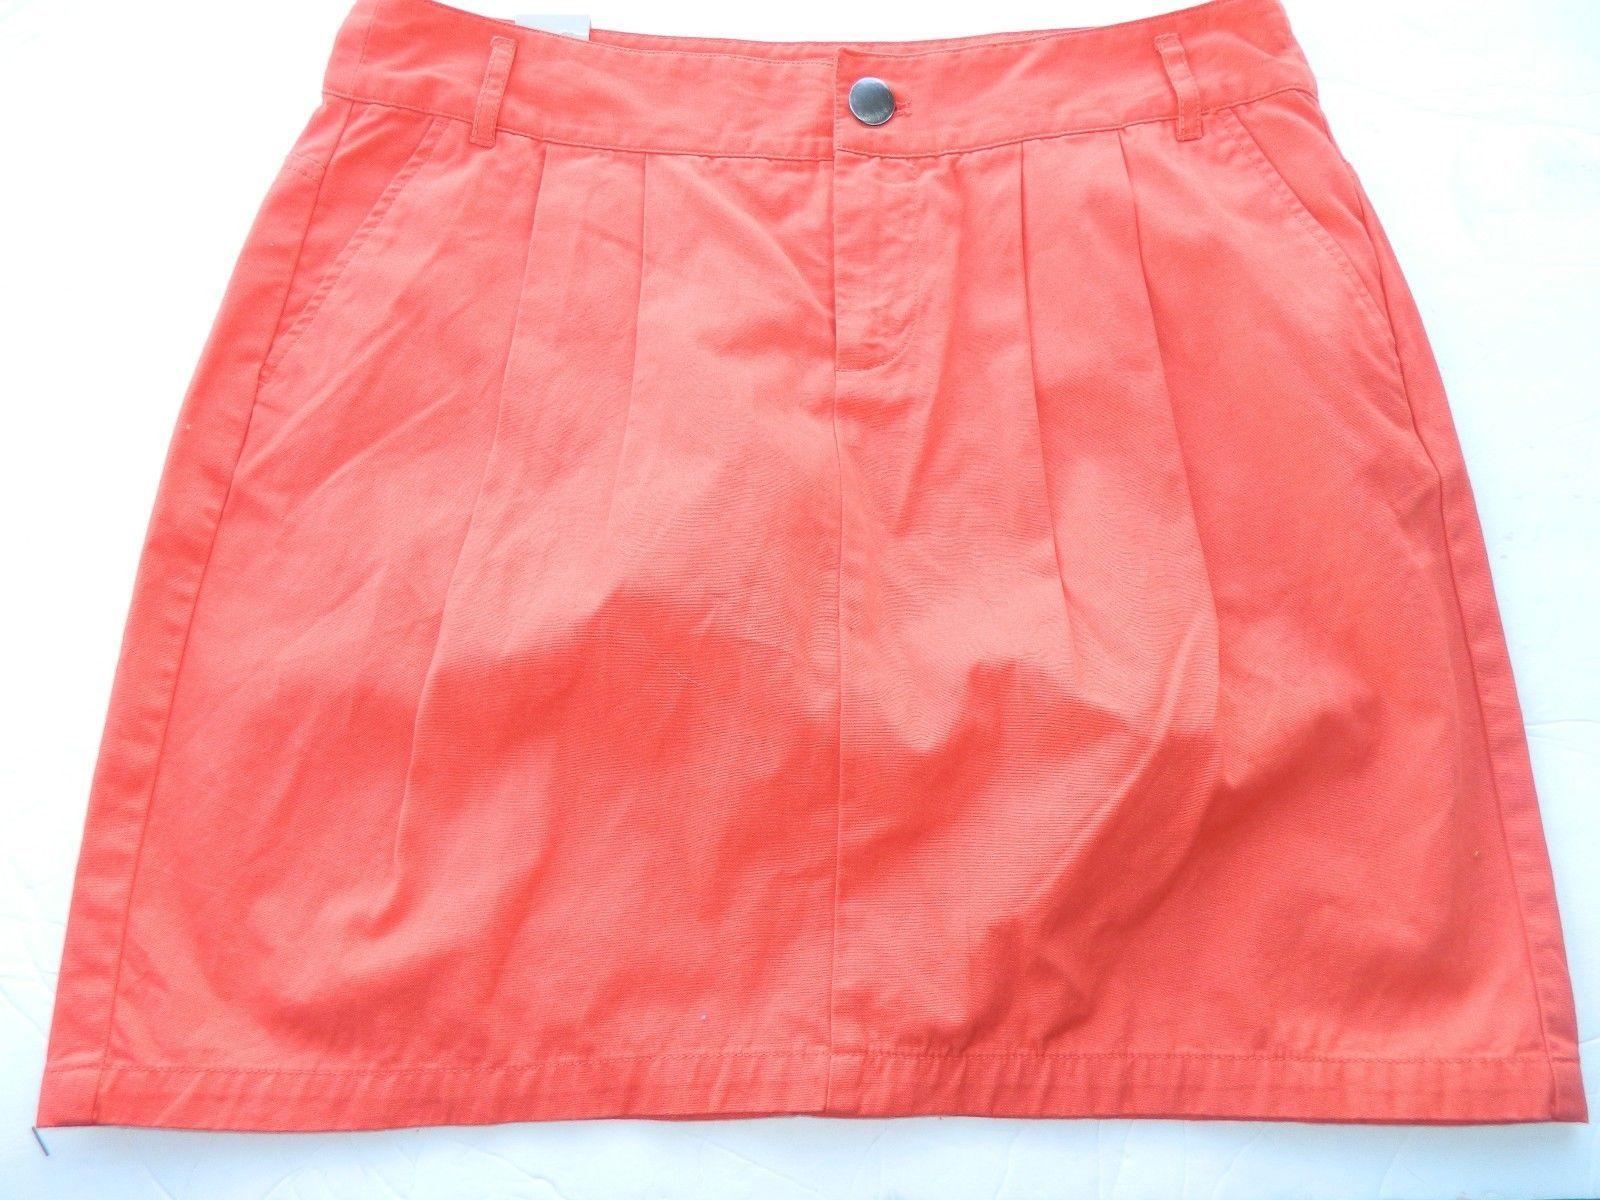 NWT Gap Skirt Twill Mini Bright Red Killer Tomato Orange Skirt Size 8